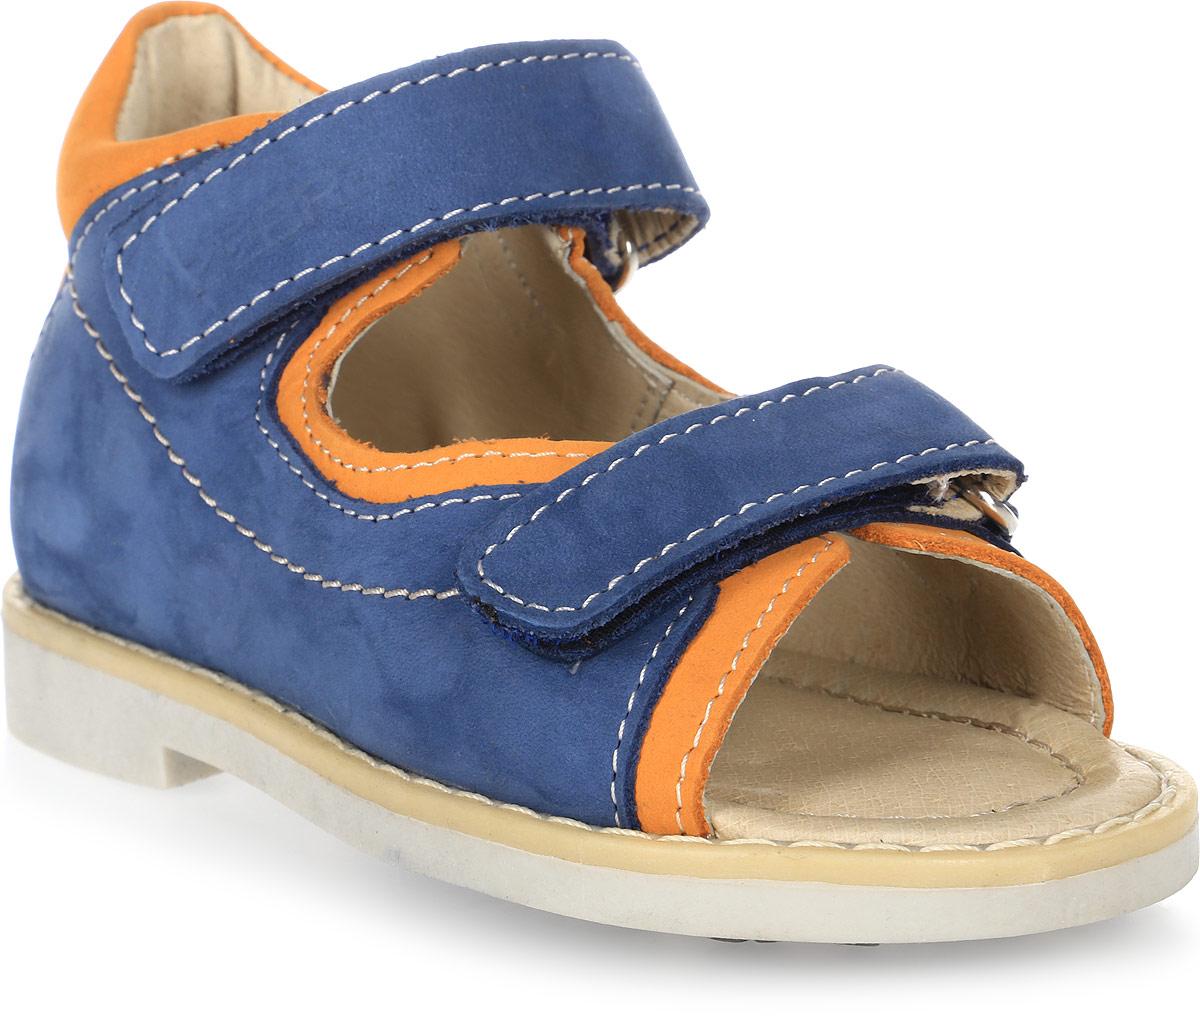 Сандалии для мальчика Зебра, цвет: синий. 10464-5. Размер 2110464-5Сандалии от Зебра выполнены из натуральной кожи. Внутренняя поверхность и стелька из натуральной кожи комфортны при ходьбе. Стелька дополнена супинатором, который обеспечивает правильное положение ноги ребенка при ходьбе и предотвращает плоскостопие. Ремешок с застежкой-липучкой позволяет прочно зафиксировать ножку ребенка. Ортопедический каблук Томаса укрепляет подошву под средней частью стопы и препятствует ее заваливанию внутрь.